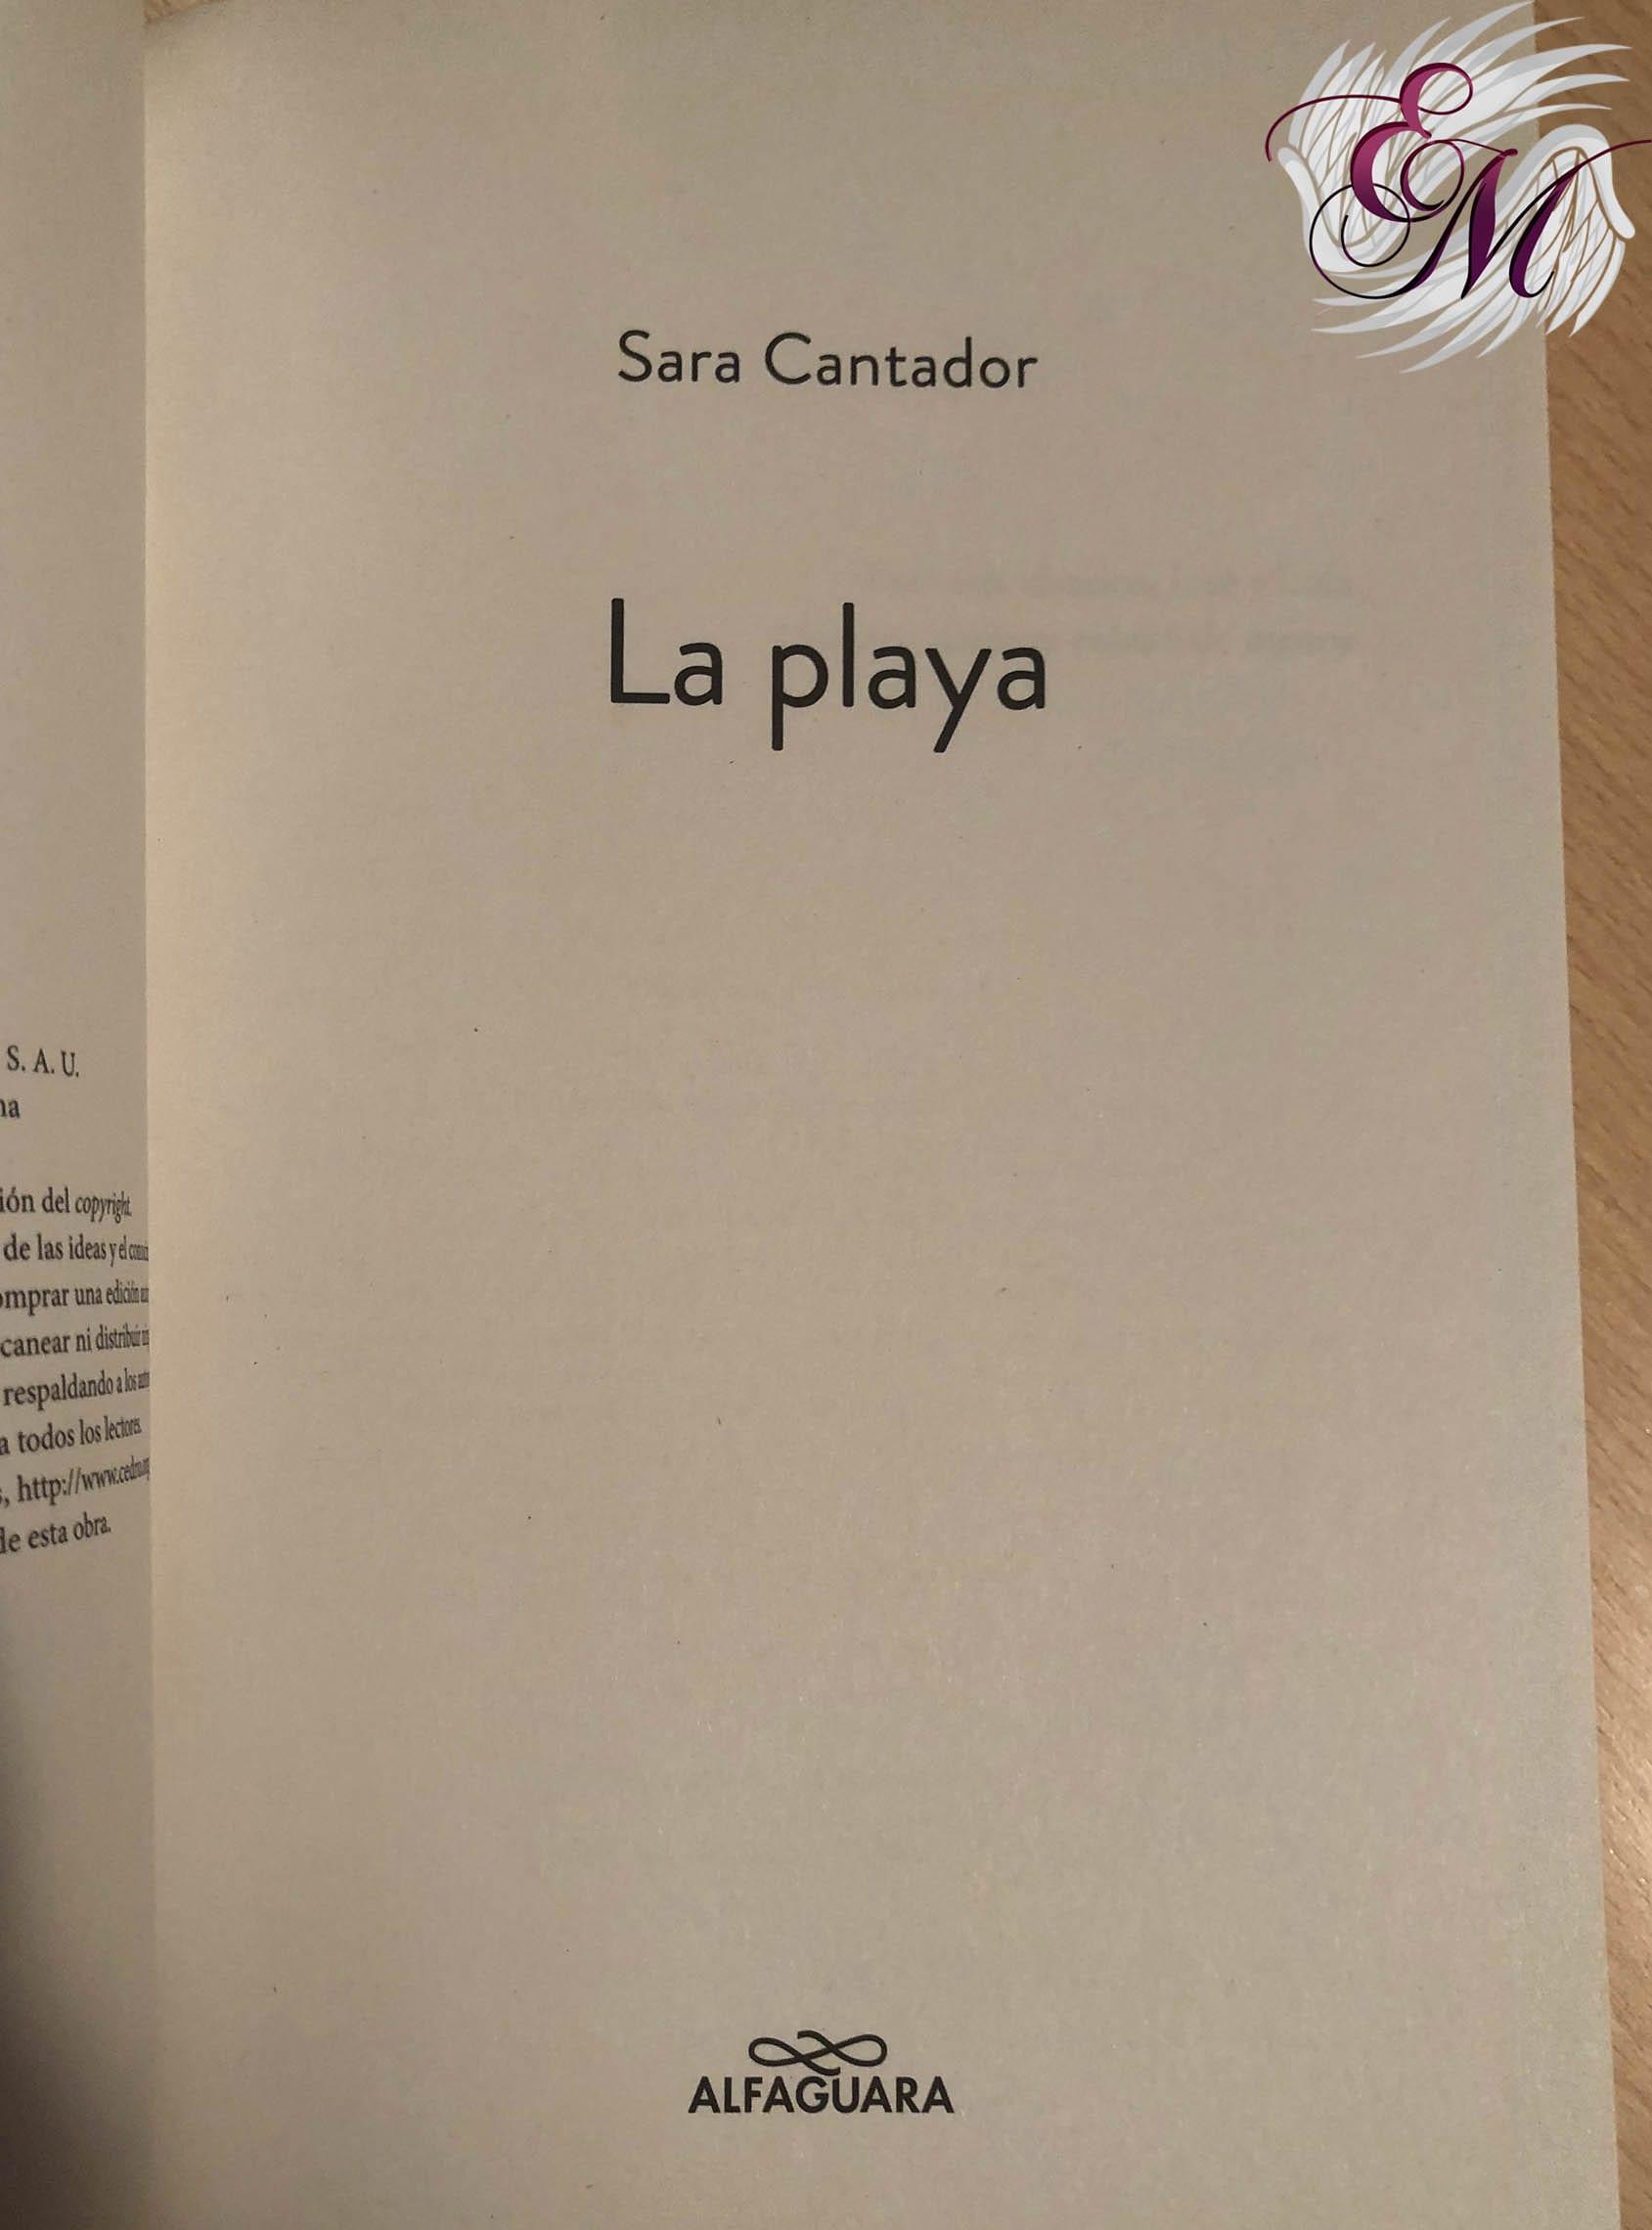 La playa, de Sara Cantador - Reseña